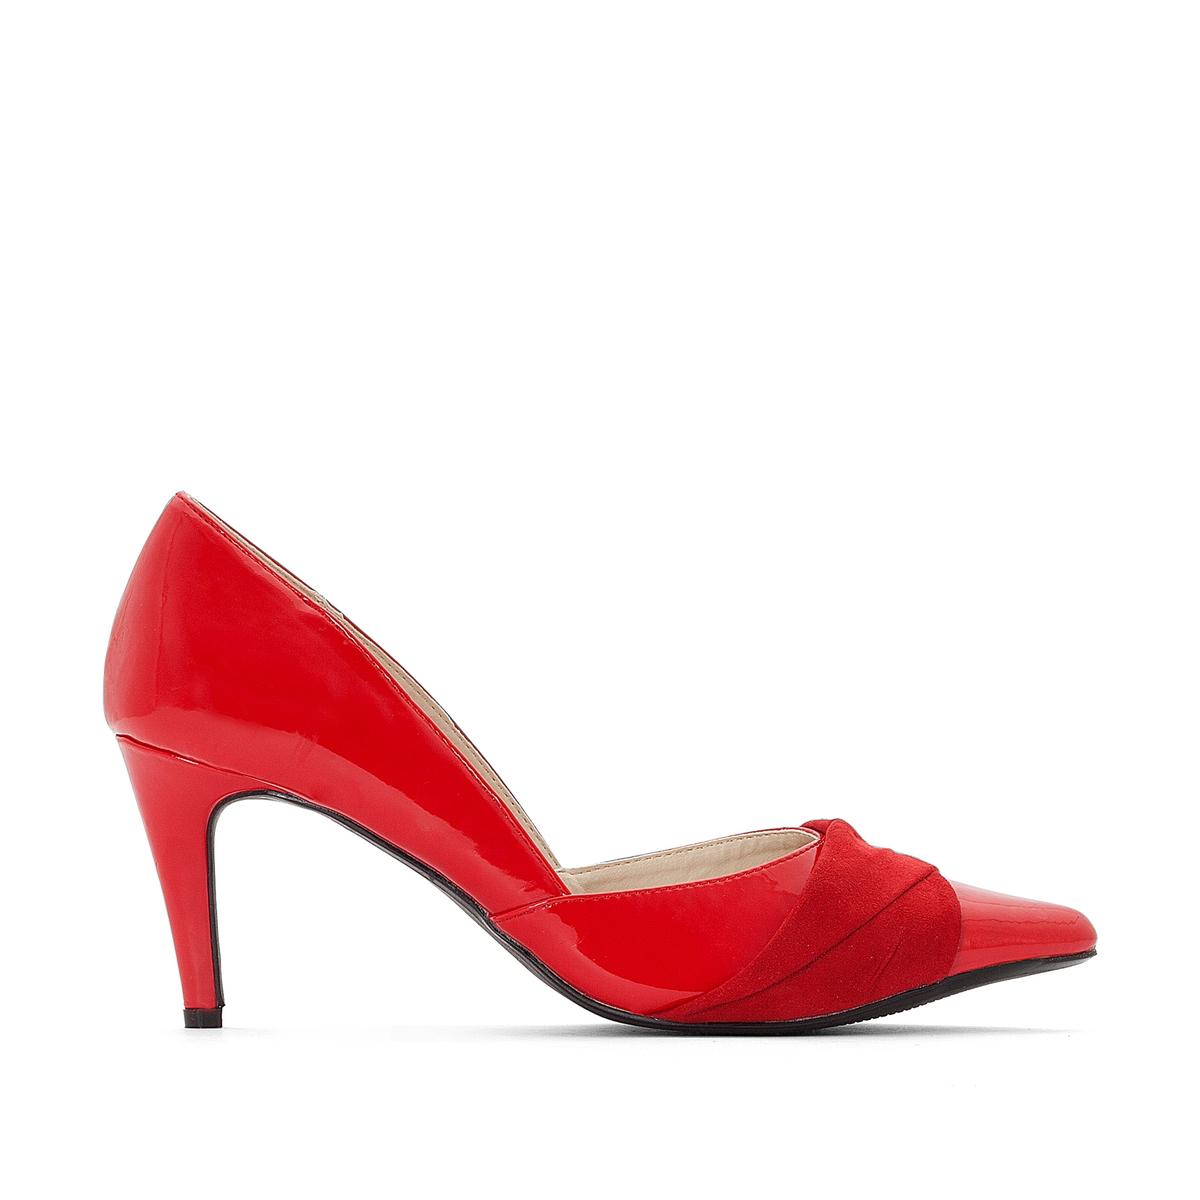 Туфли La Redoute Из двух материалов 39 красный ботильоны из двух материалов bady